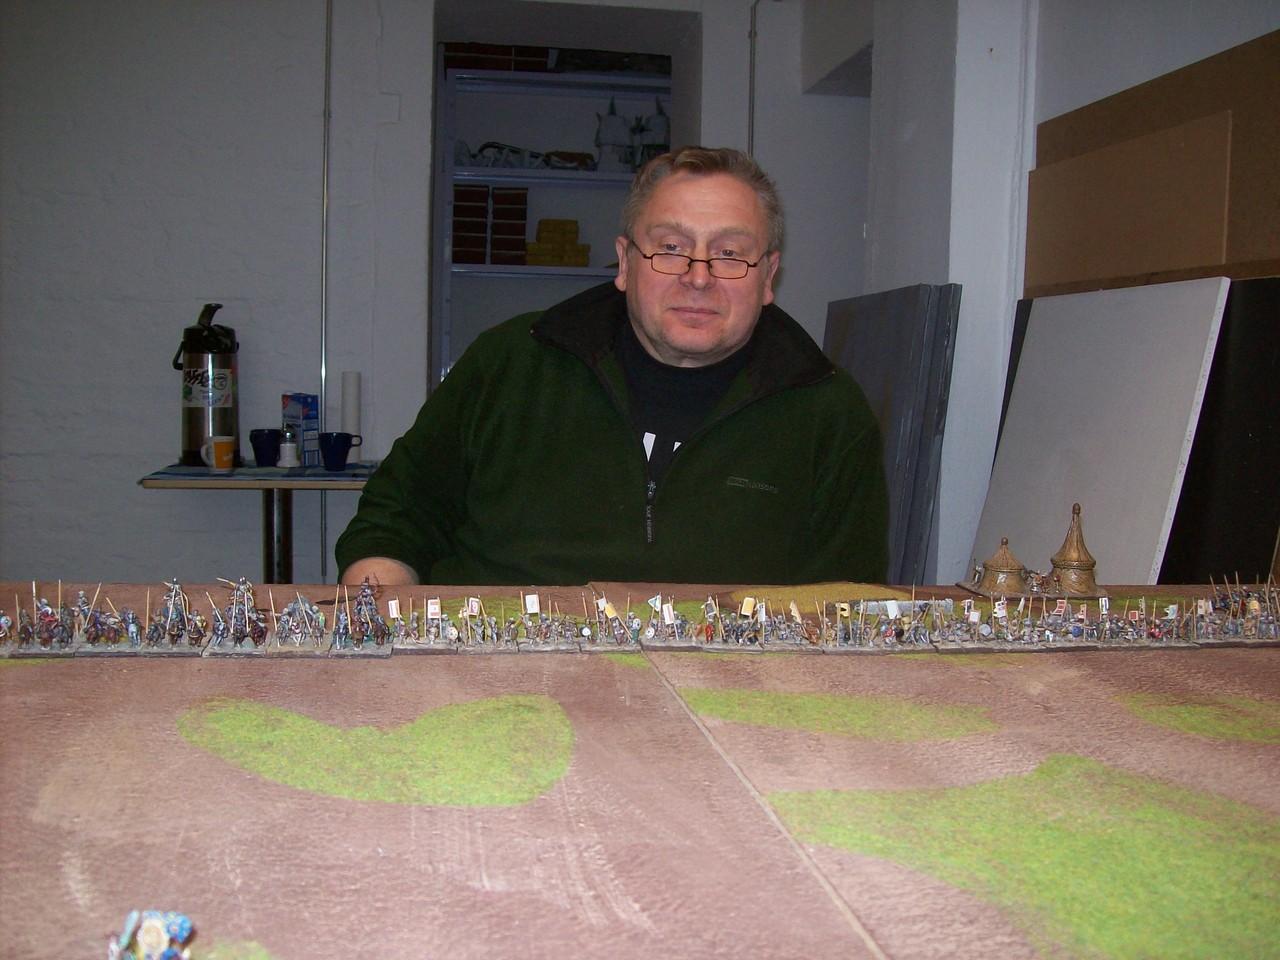 Danach durfte ich gegen Thorsten spielen,...